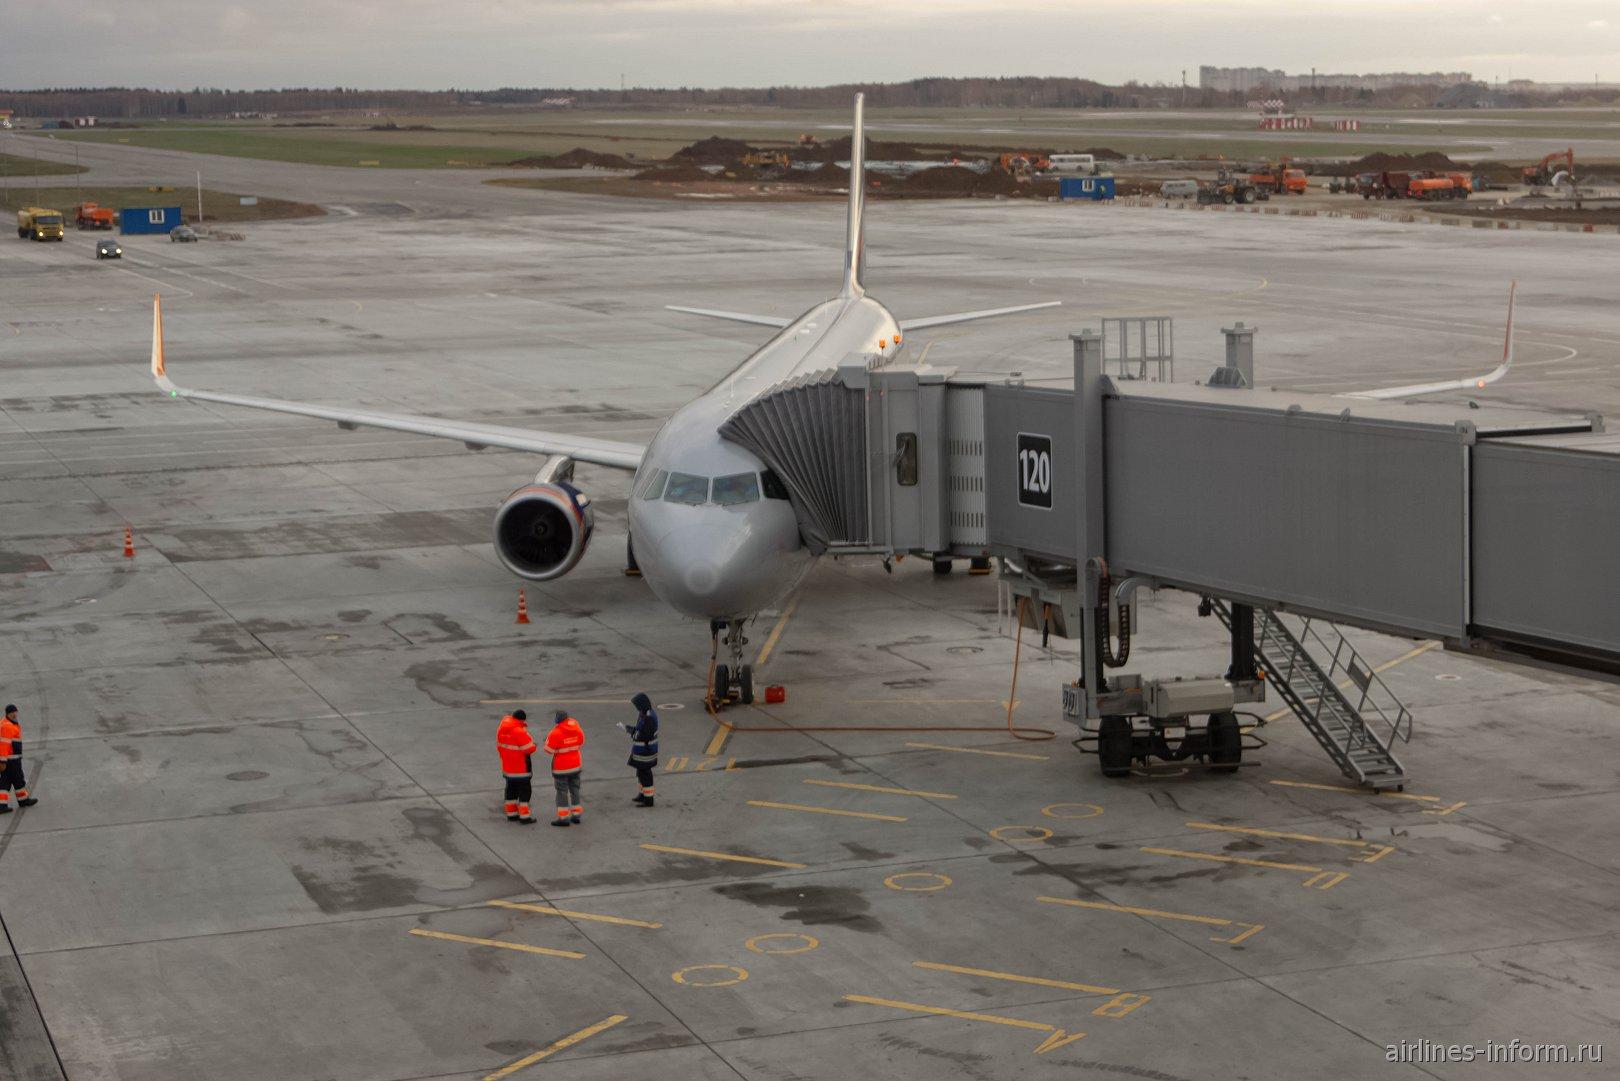 Новый Терминал B Шереметьево. Москва - Санкт-Петербург SU14 на A321SL Аэрофлота